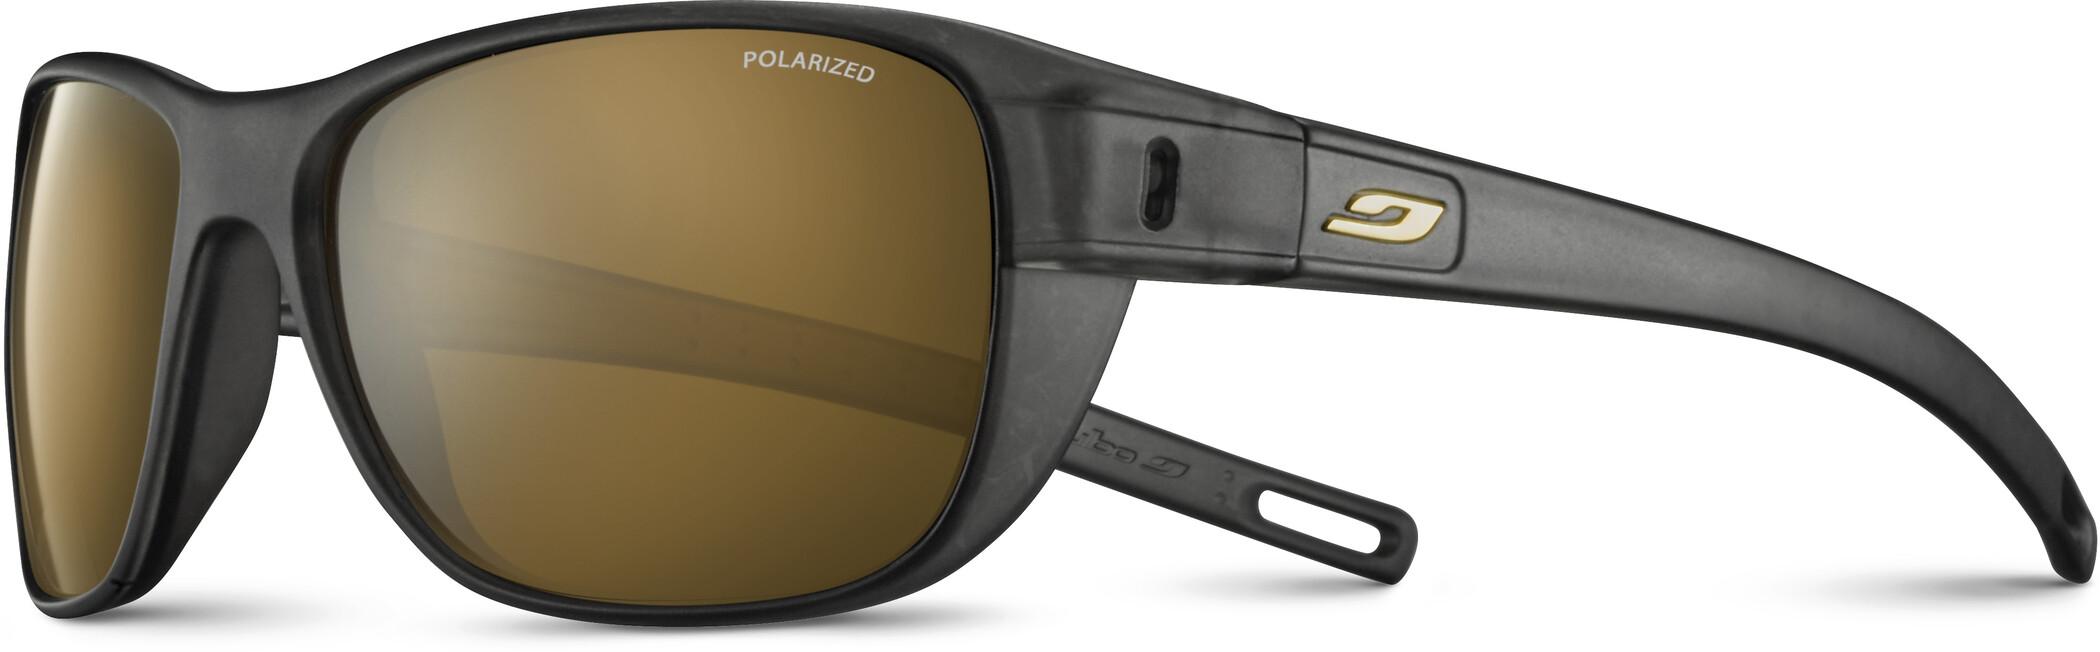 Julbo Capstan Polarized 3 Solbriller Herrer, matt translucent black (2019) | Glasses